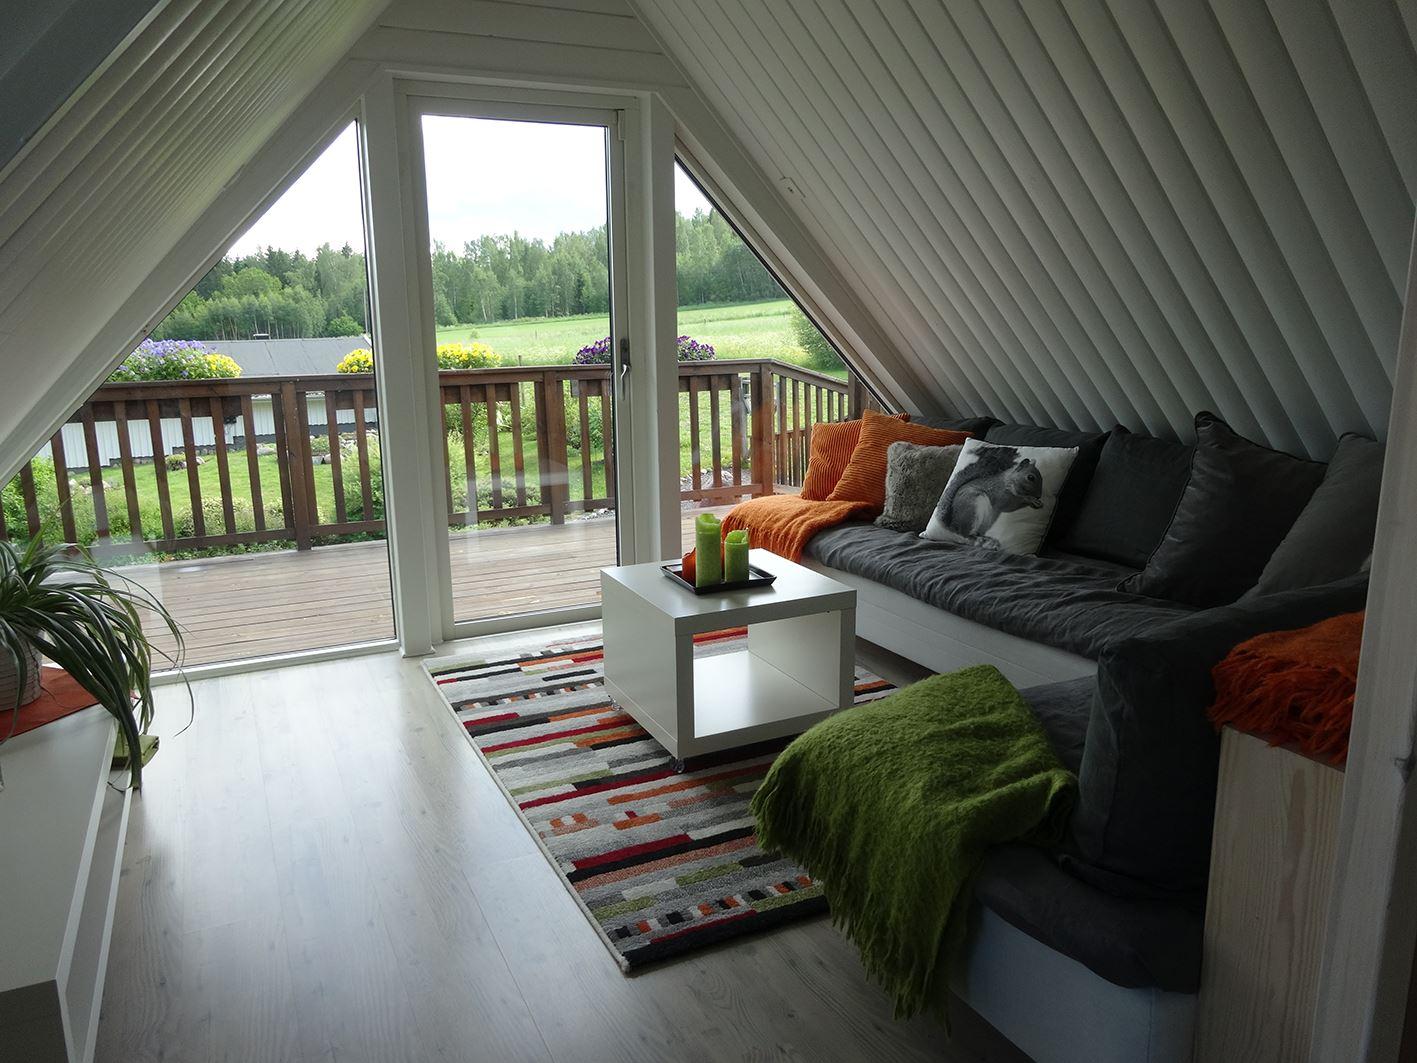 © Kerstin Persson, Bed & Breakfast Villa Vättervy